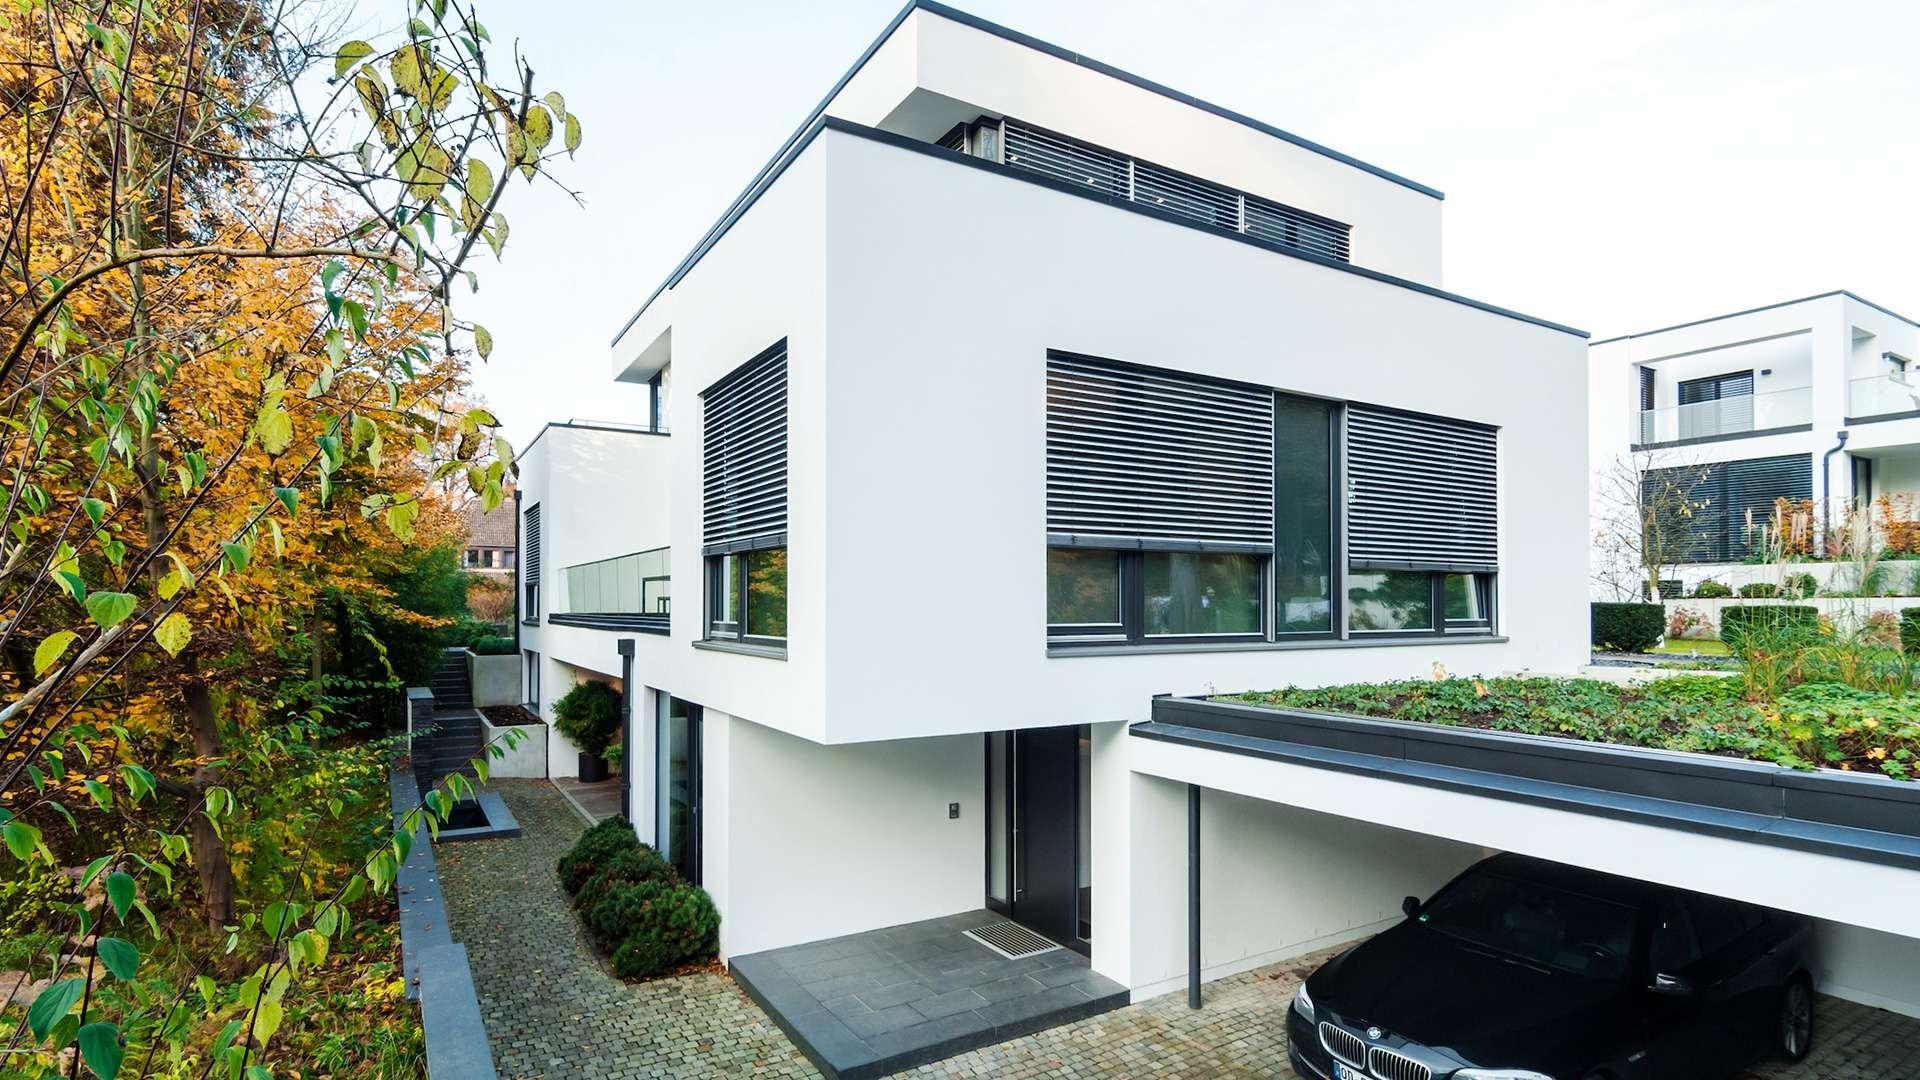 Flachdach-Haus mit Raffstoren vor den Fenstern